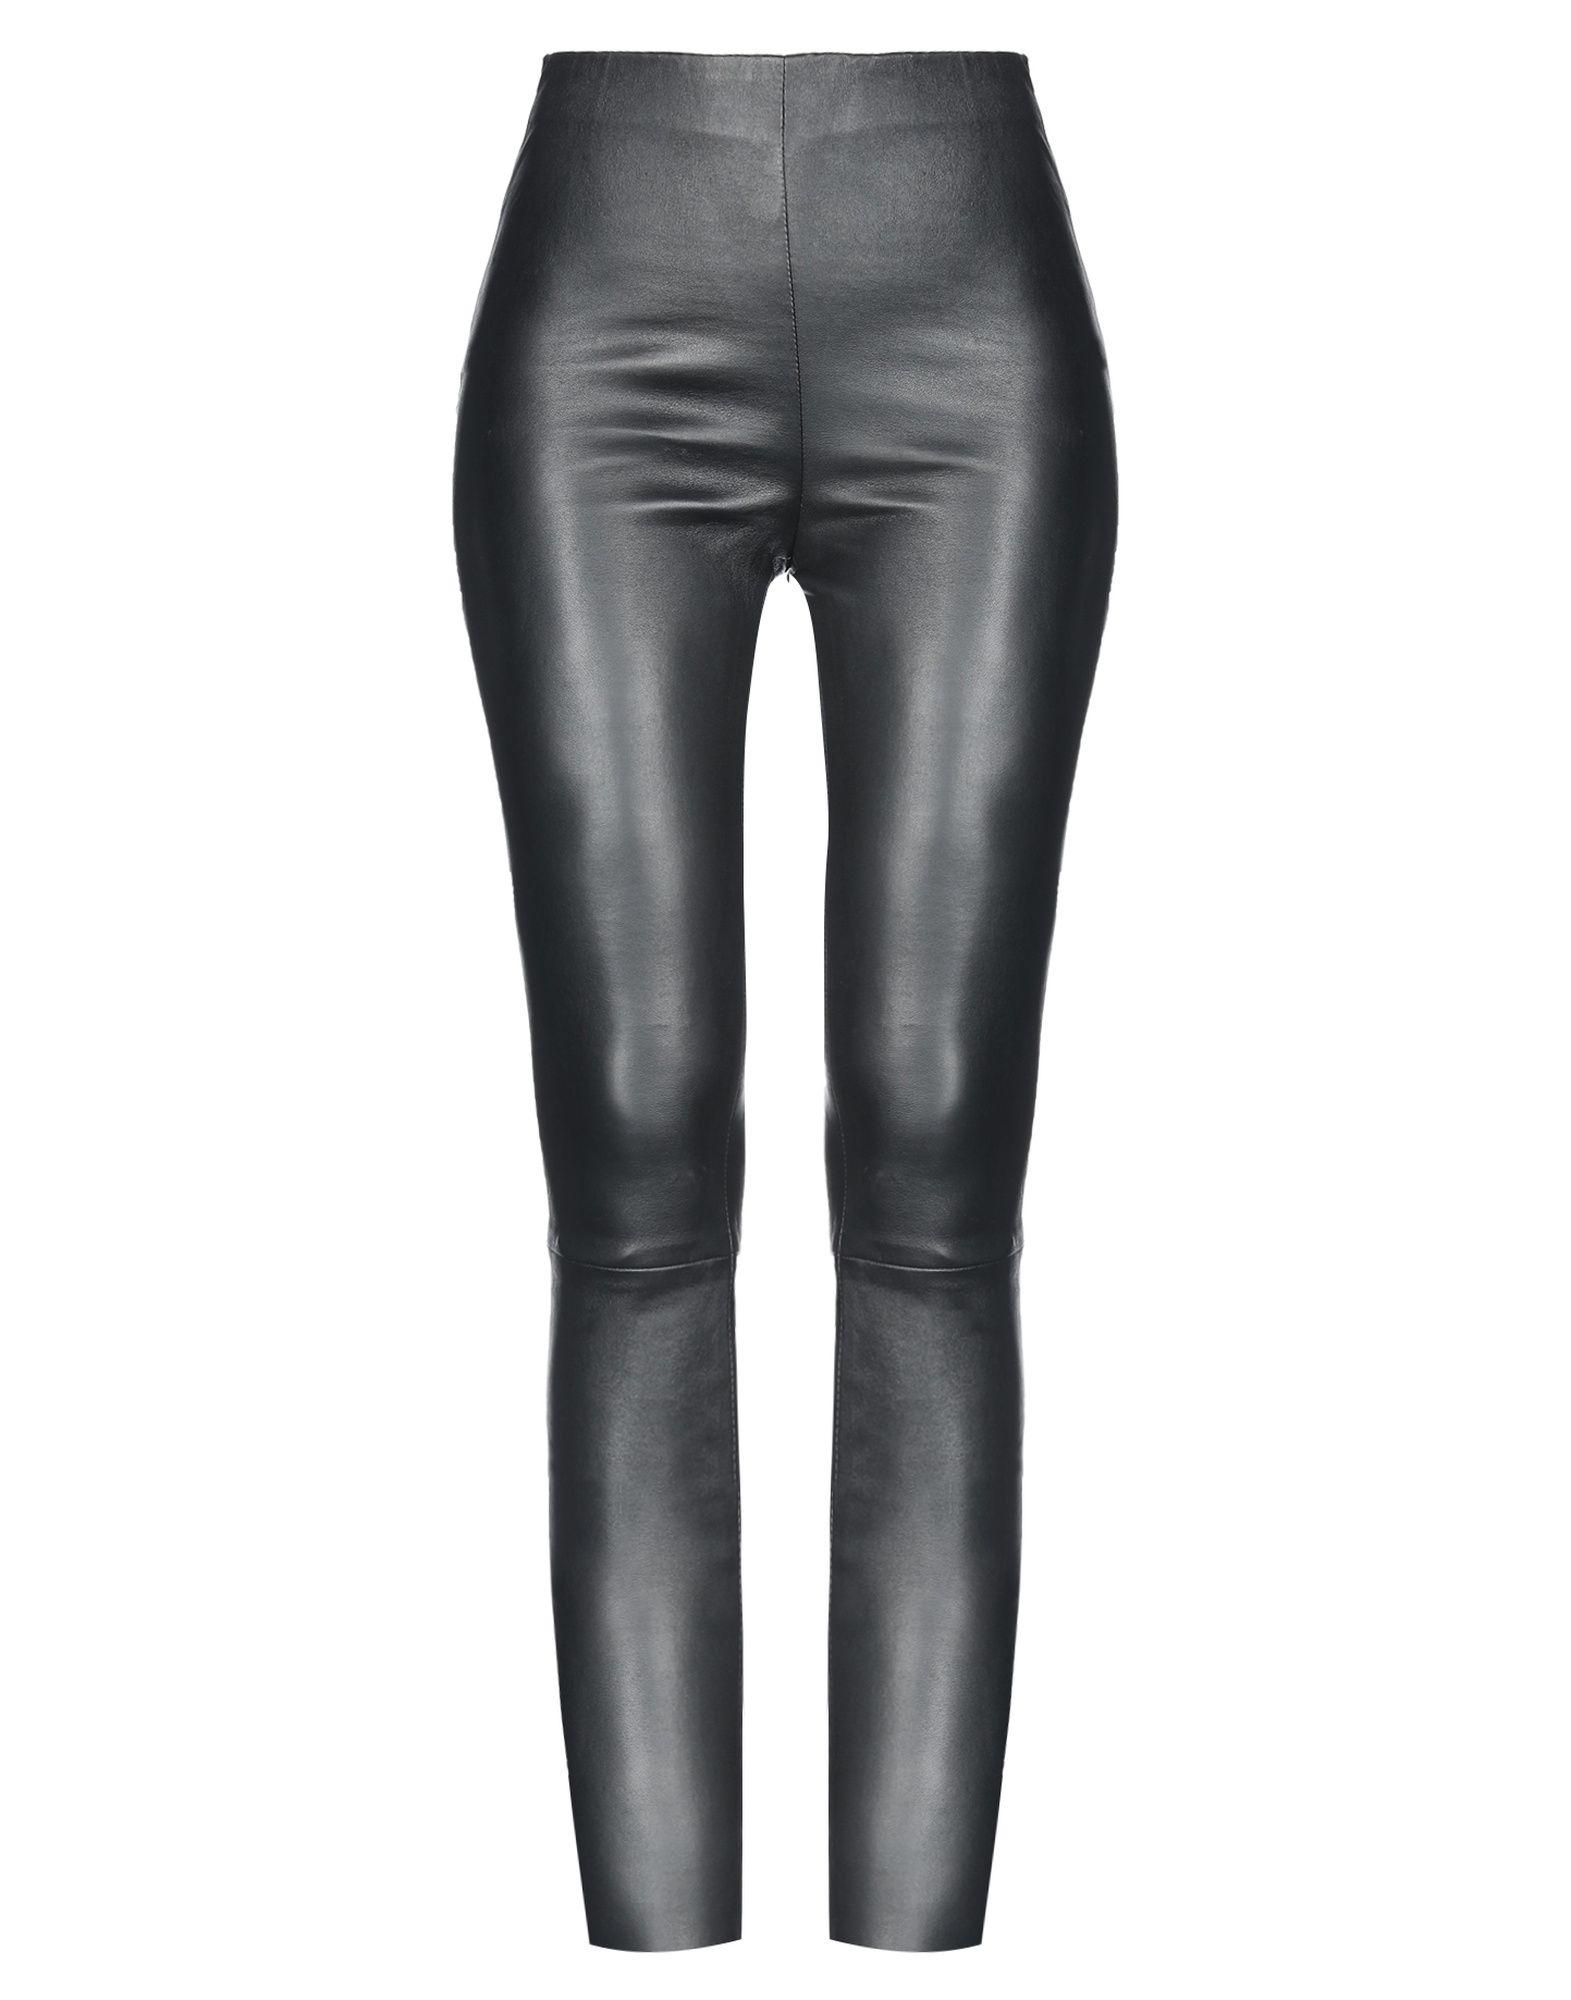 《送料無料》BY MALINA レディース パンツ ブラック XS 革